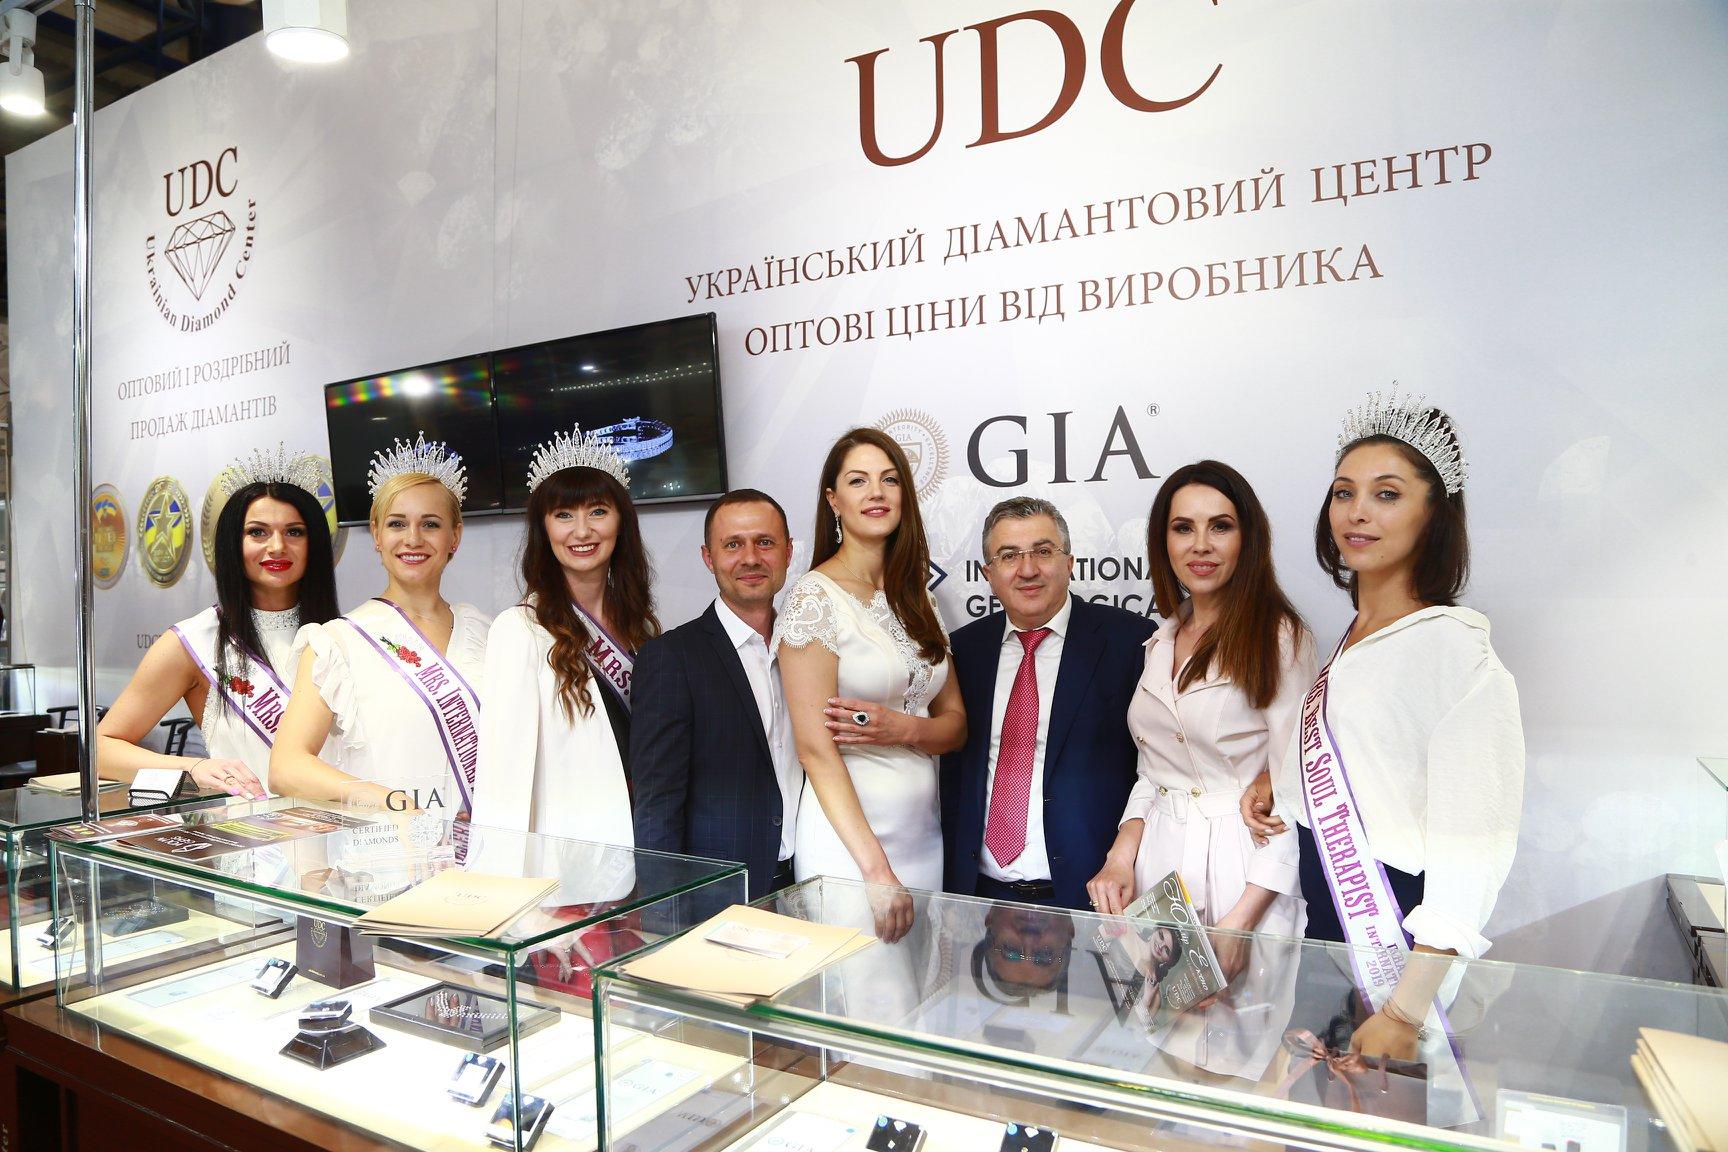 Сьогодні крайній день роботи Ювелір Експо Україна